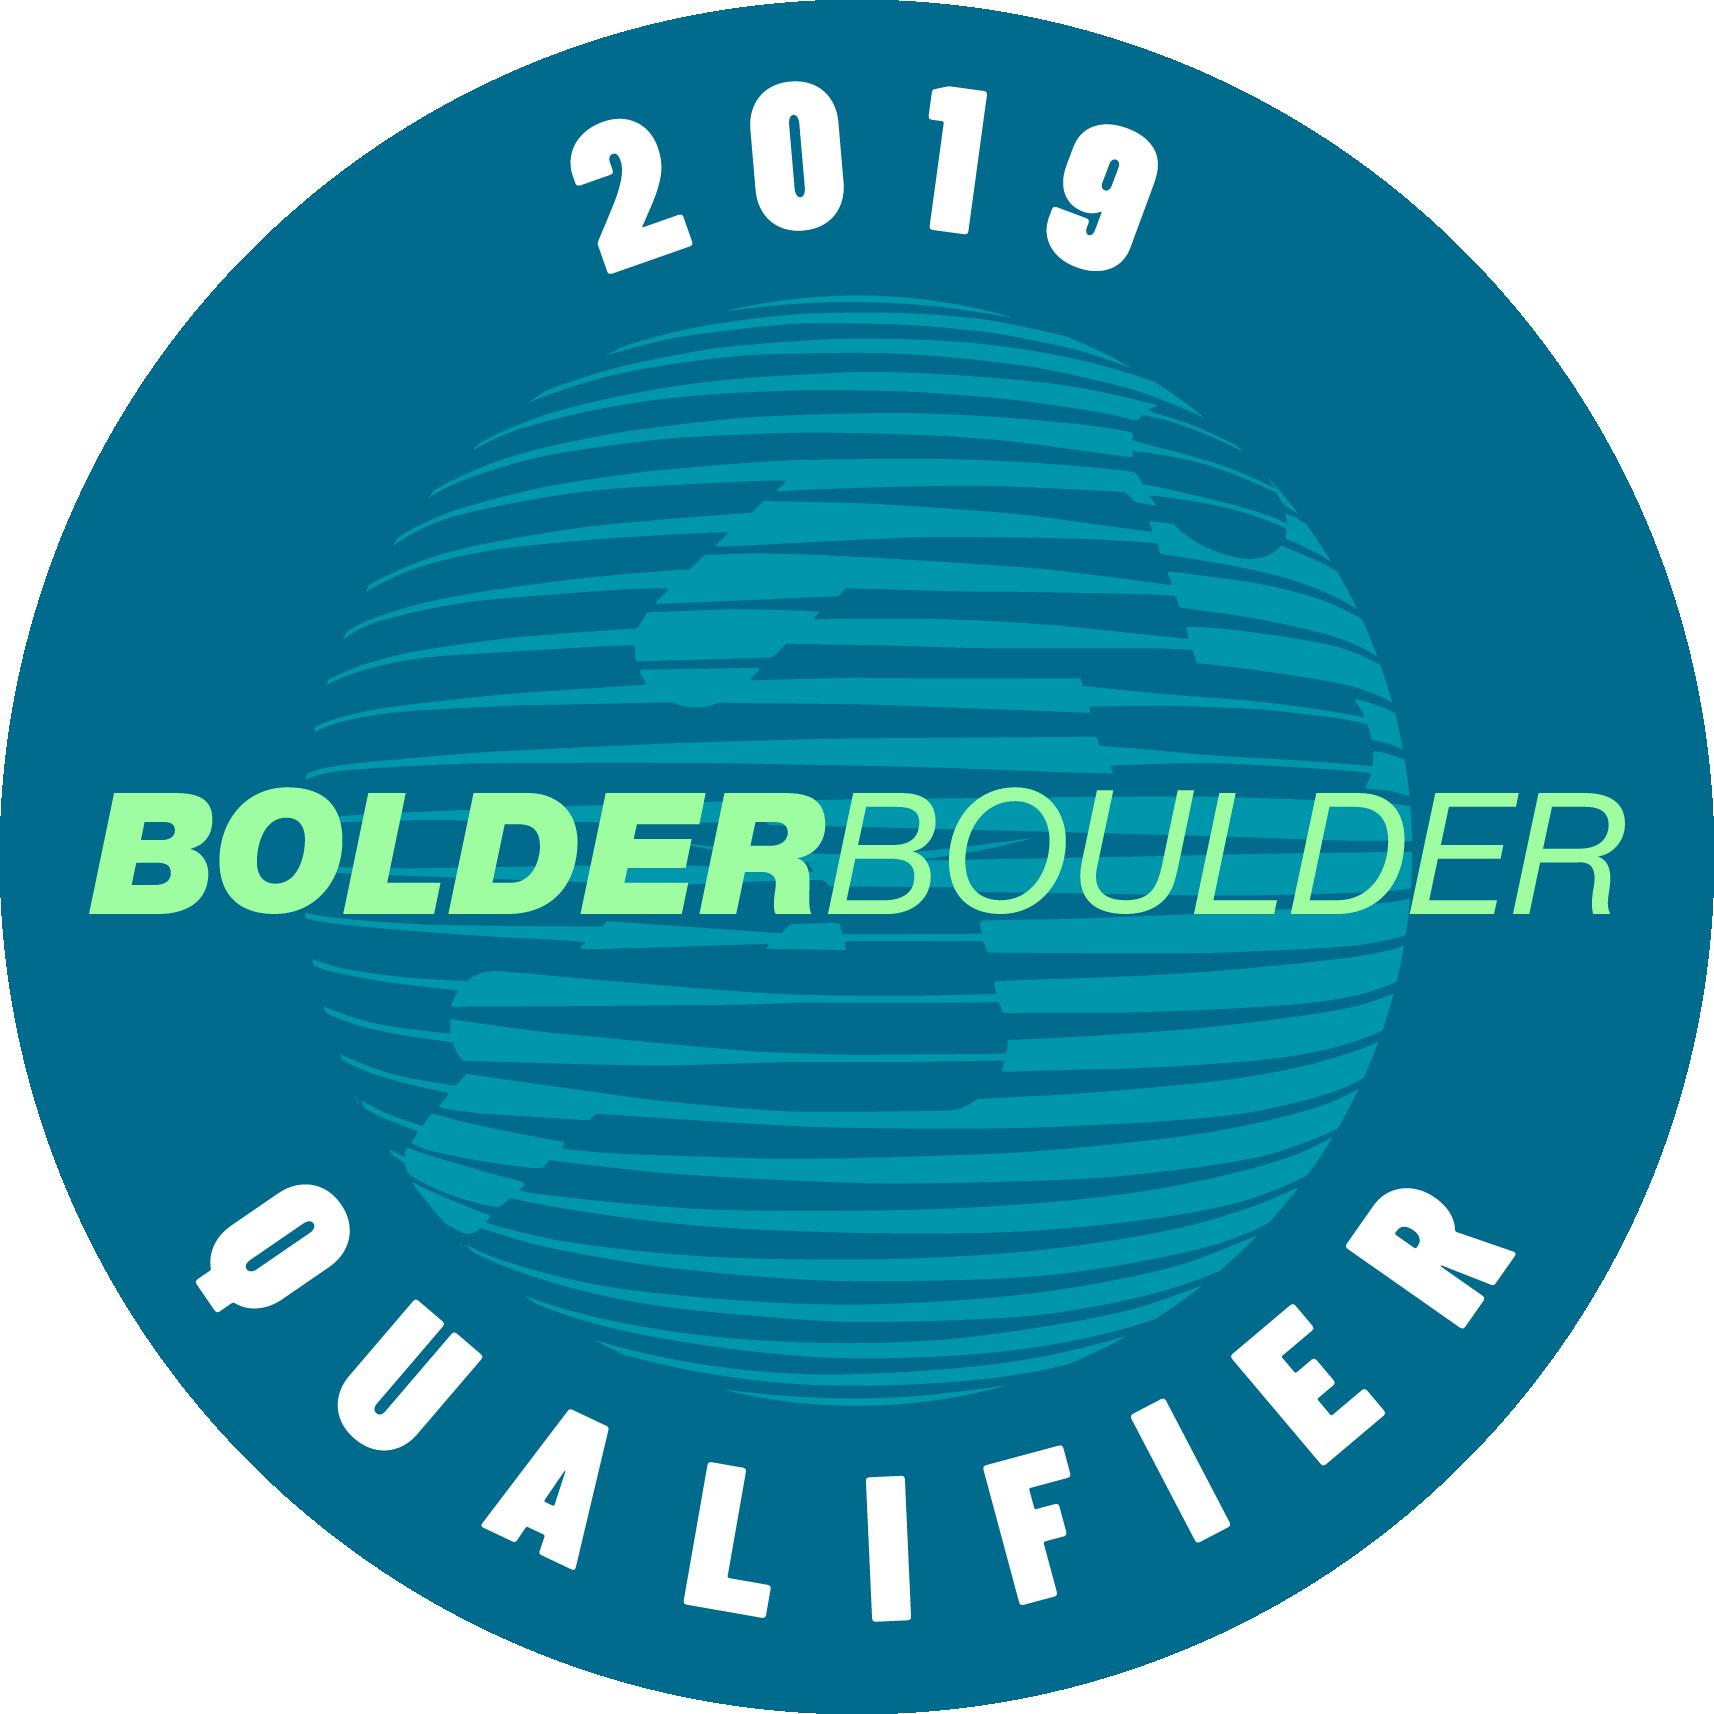 2019 BOLDERBoulder 10k Qualifier logo